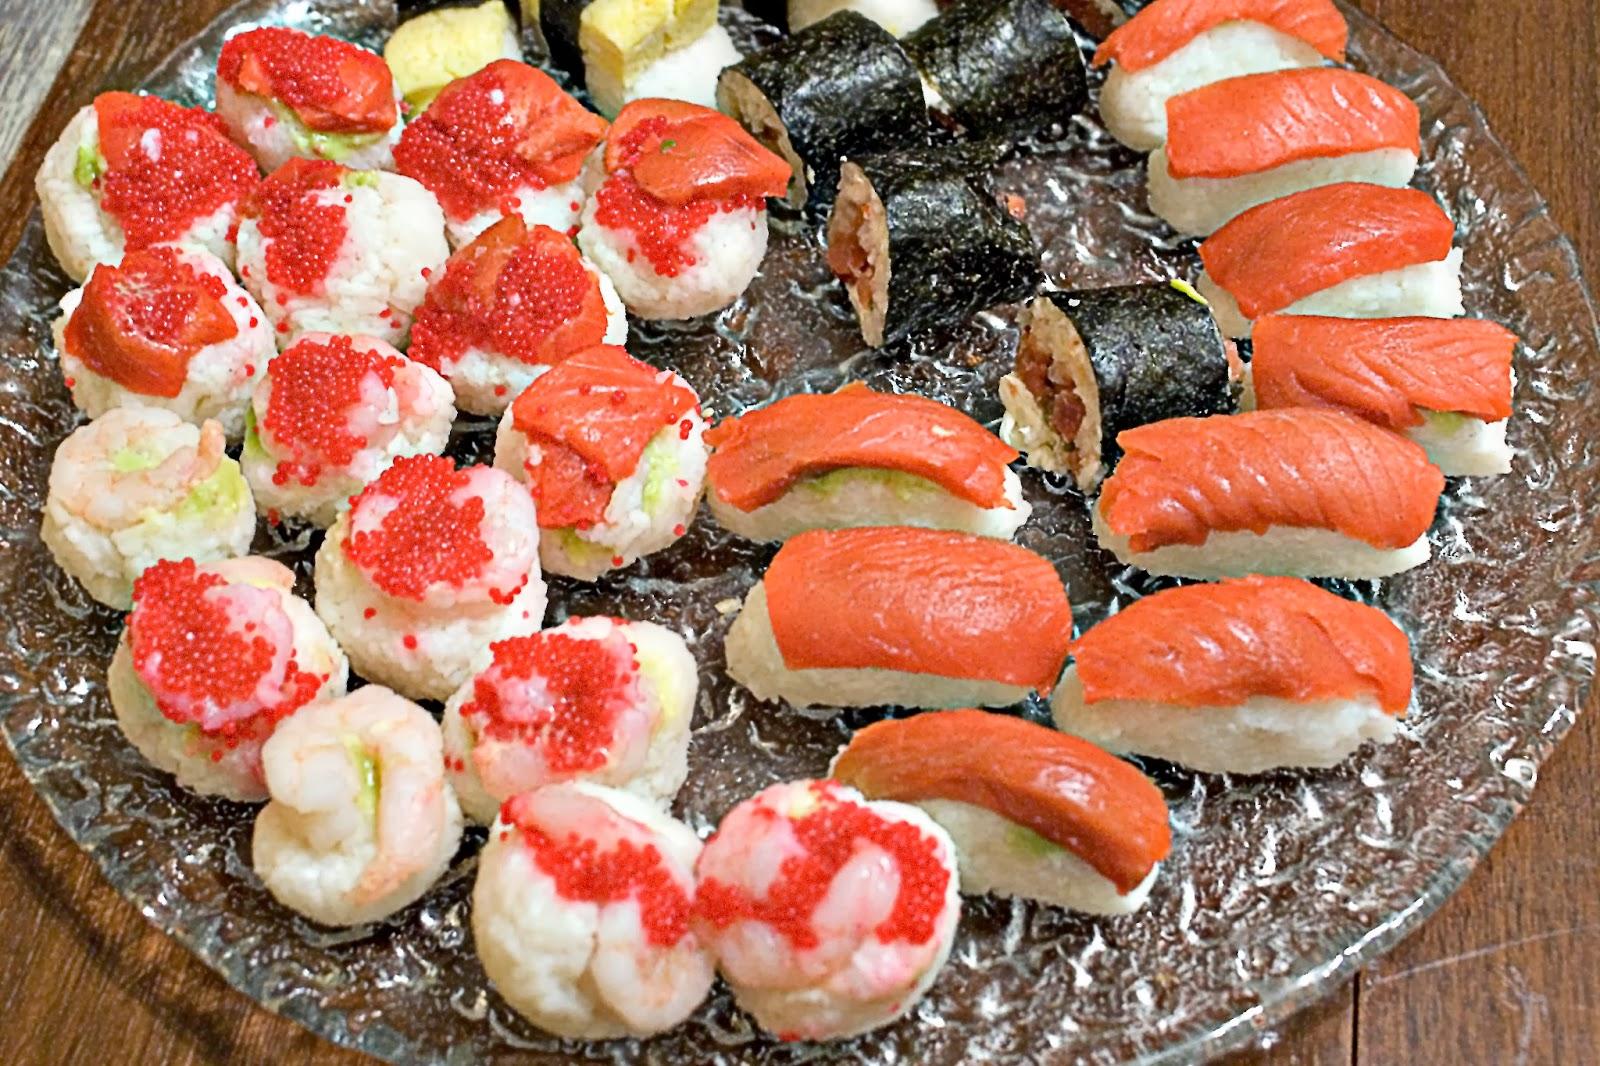 Sashimi and sushi rolls